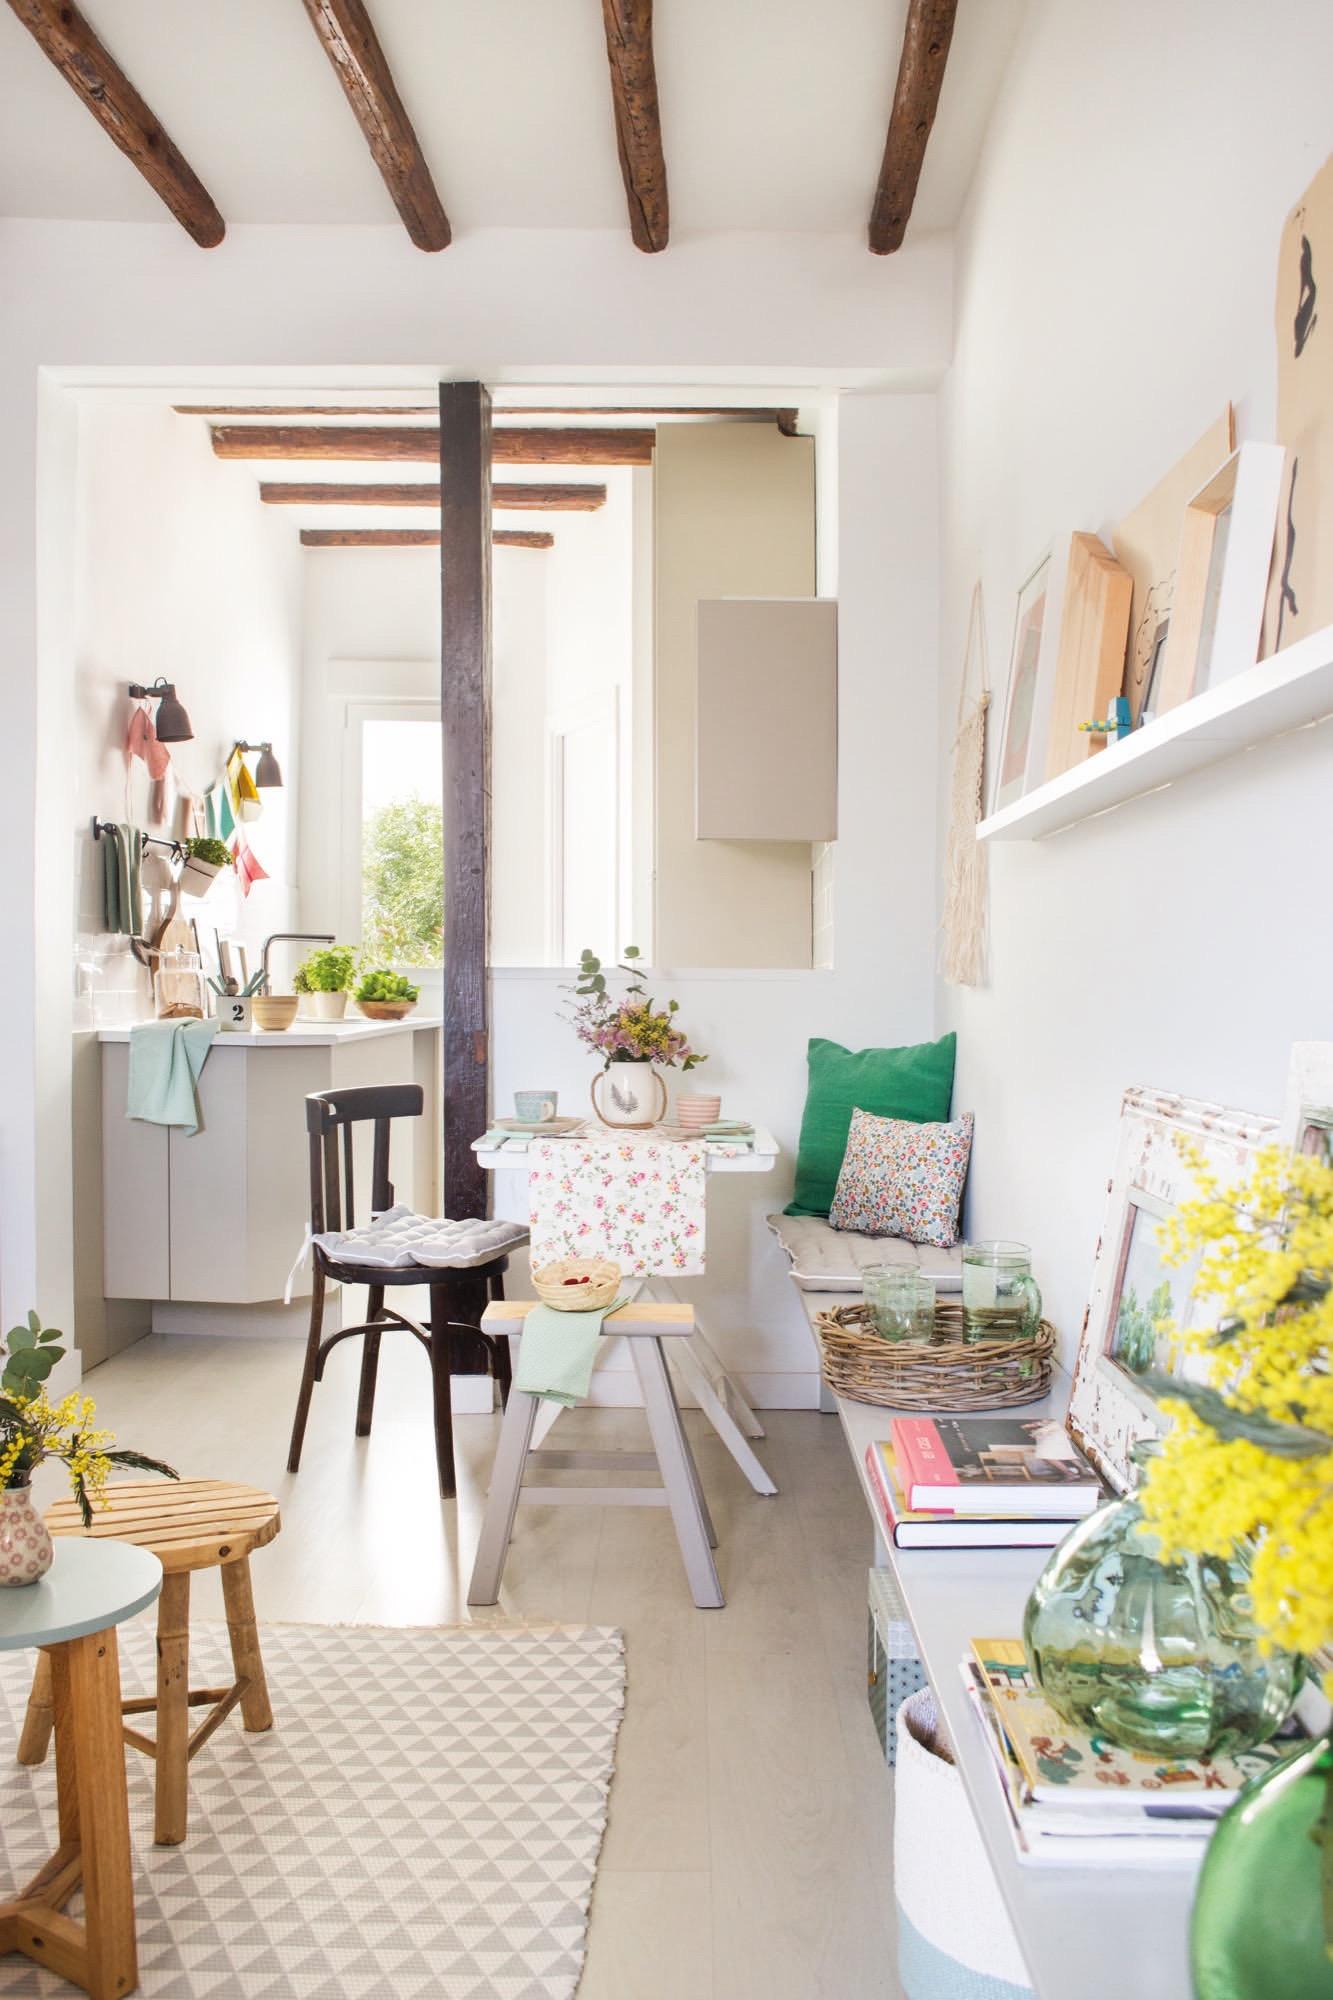 Un piso peque o en malasa a con muchas ideas for Fronda decoracion